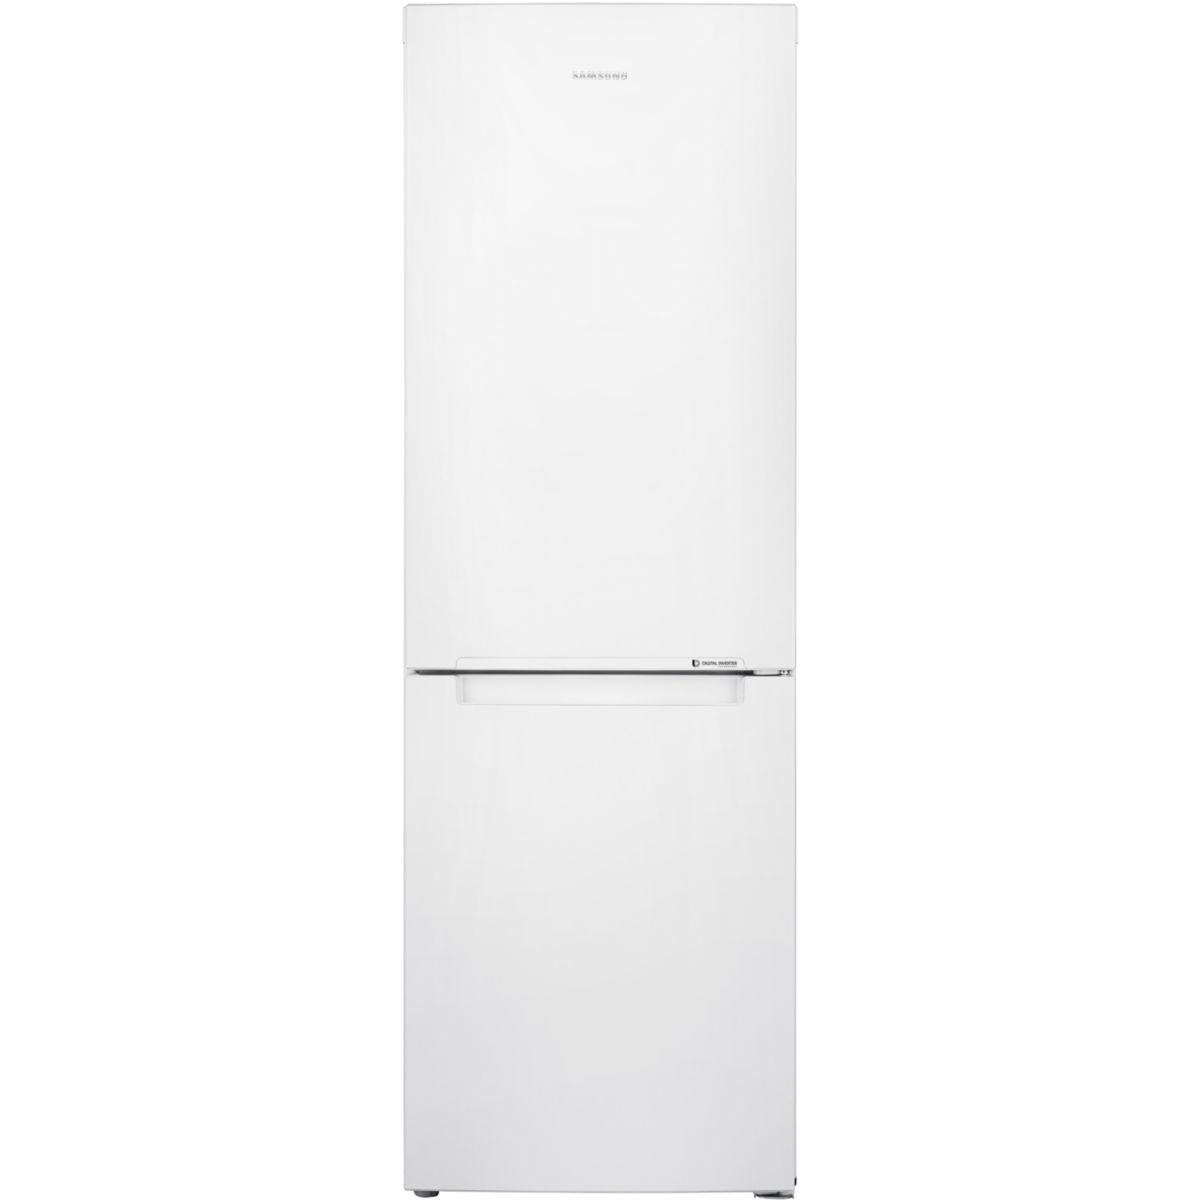 Réfrigérateur combiné SAMSUNG RB29HSR3DWW/